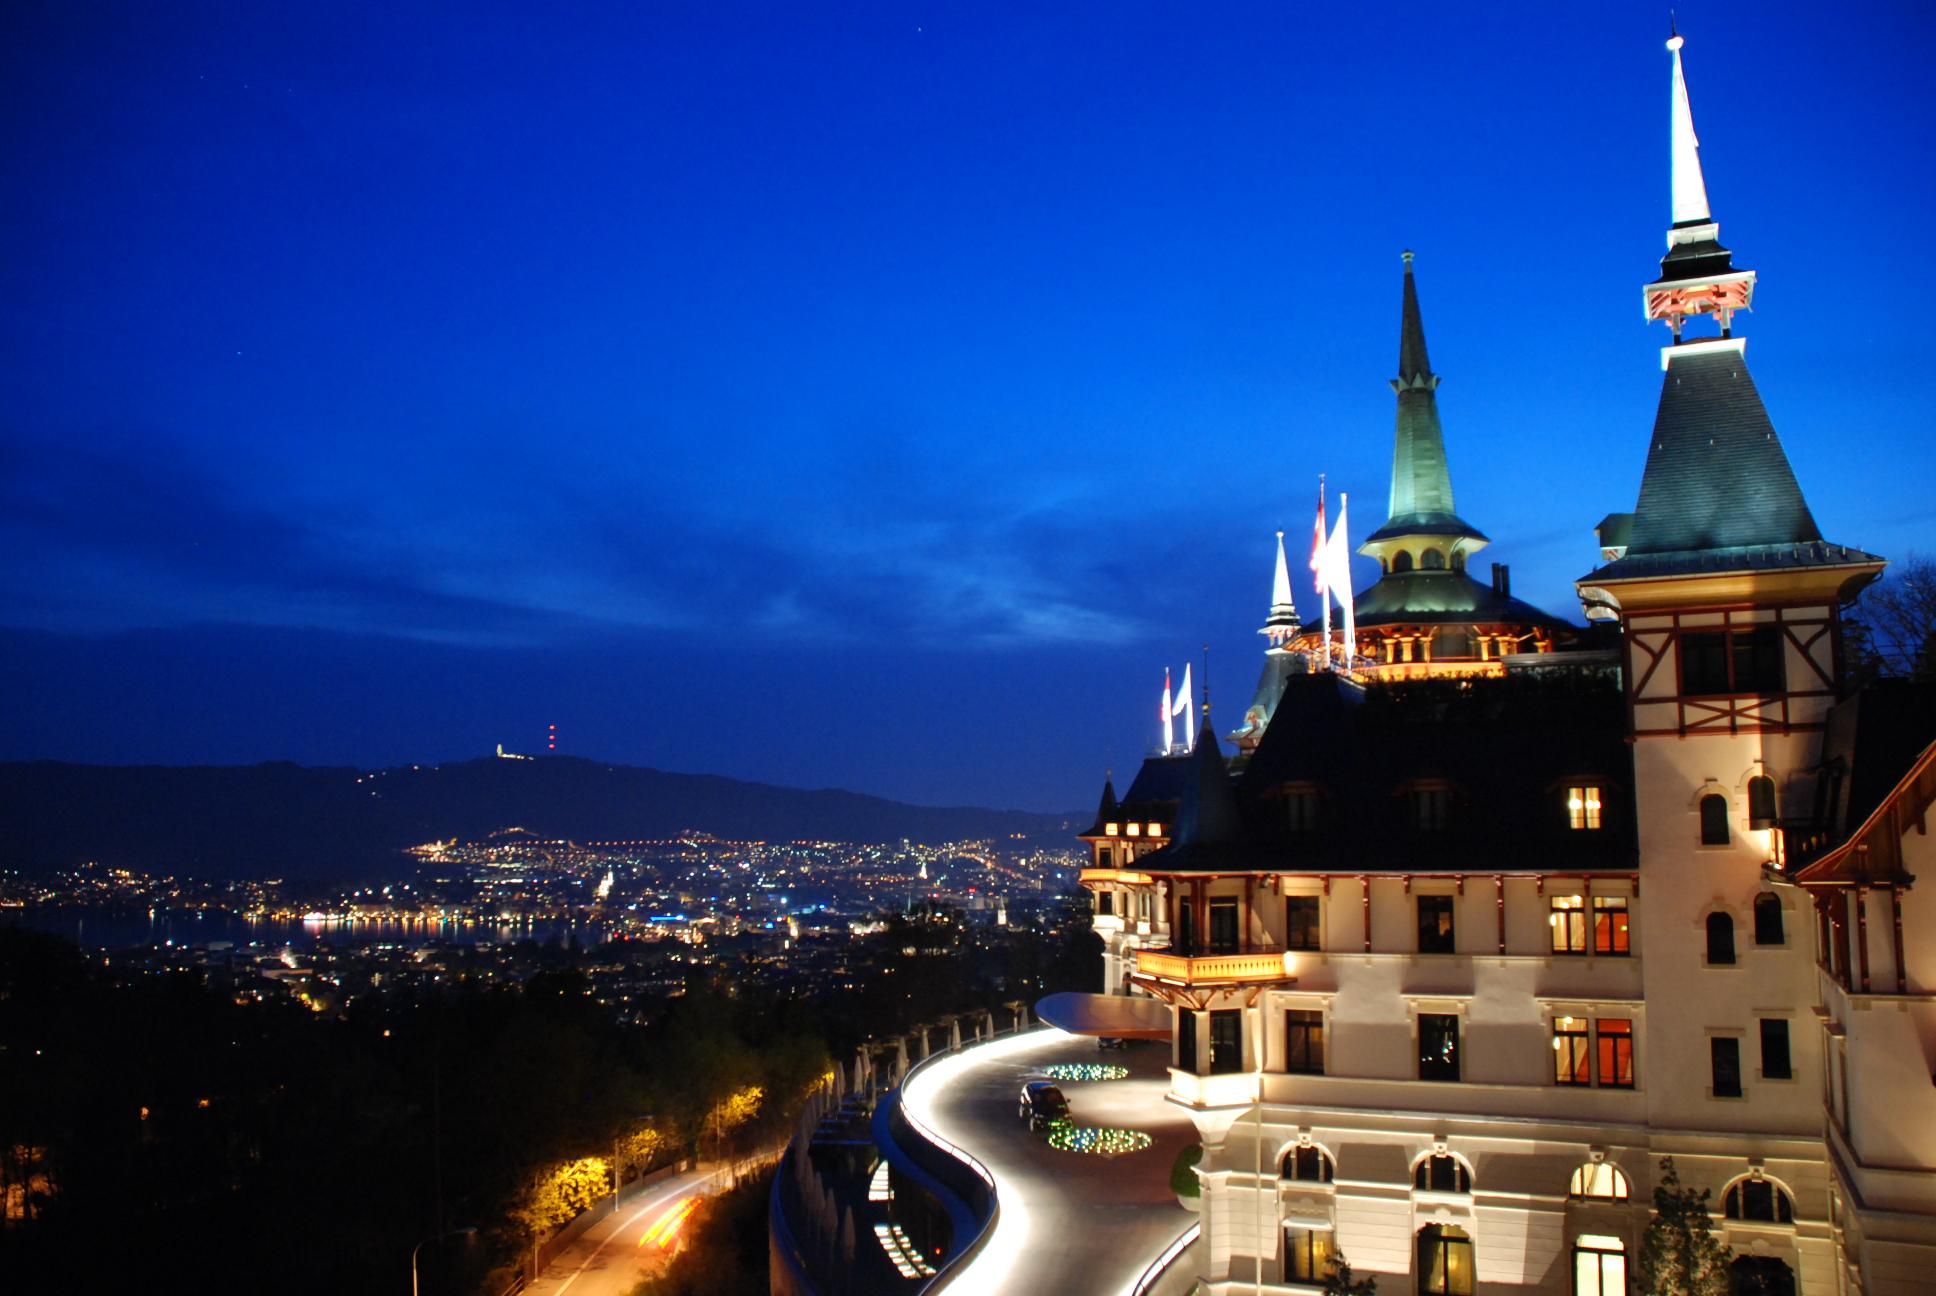 Casino In Zurich Switzerland